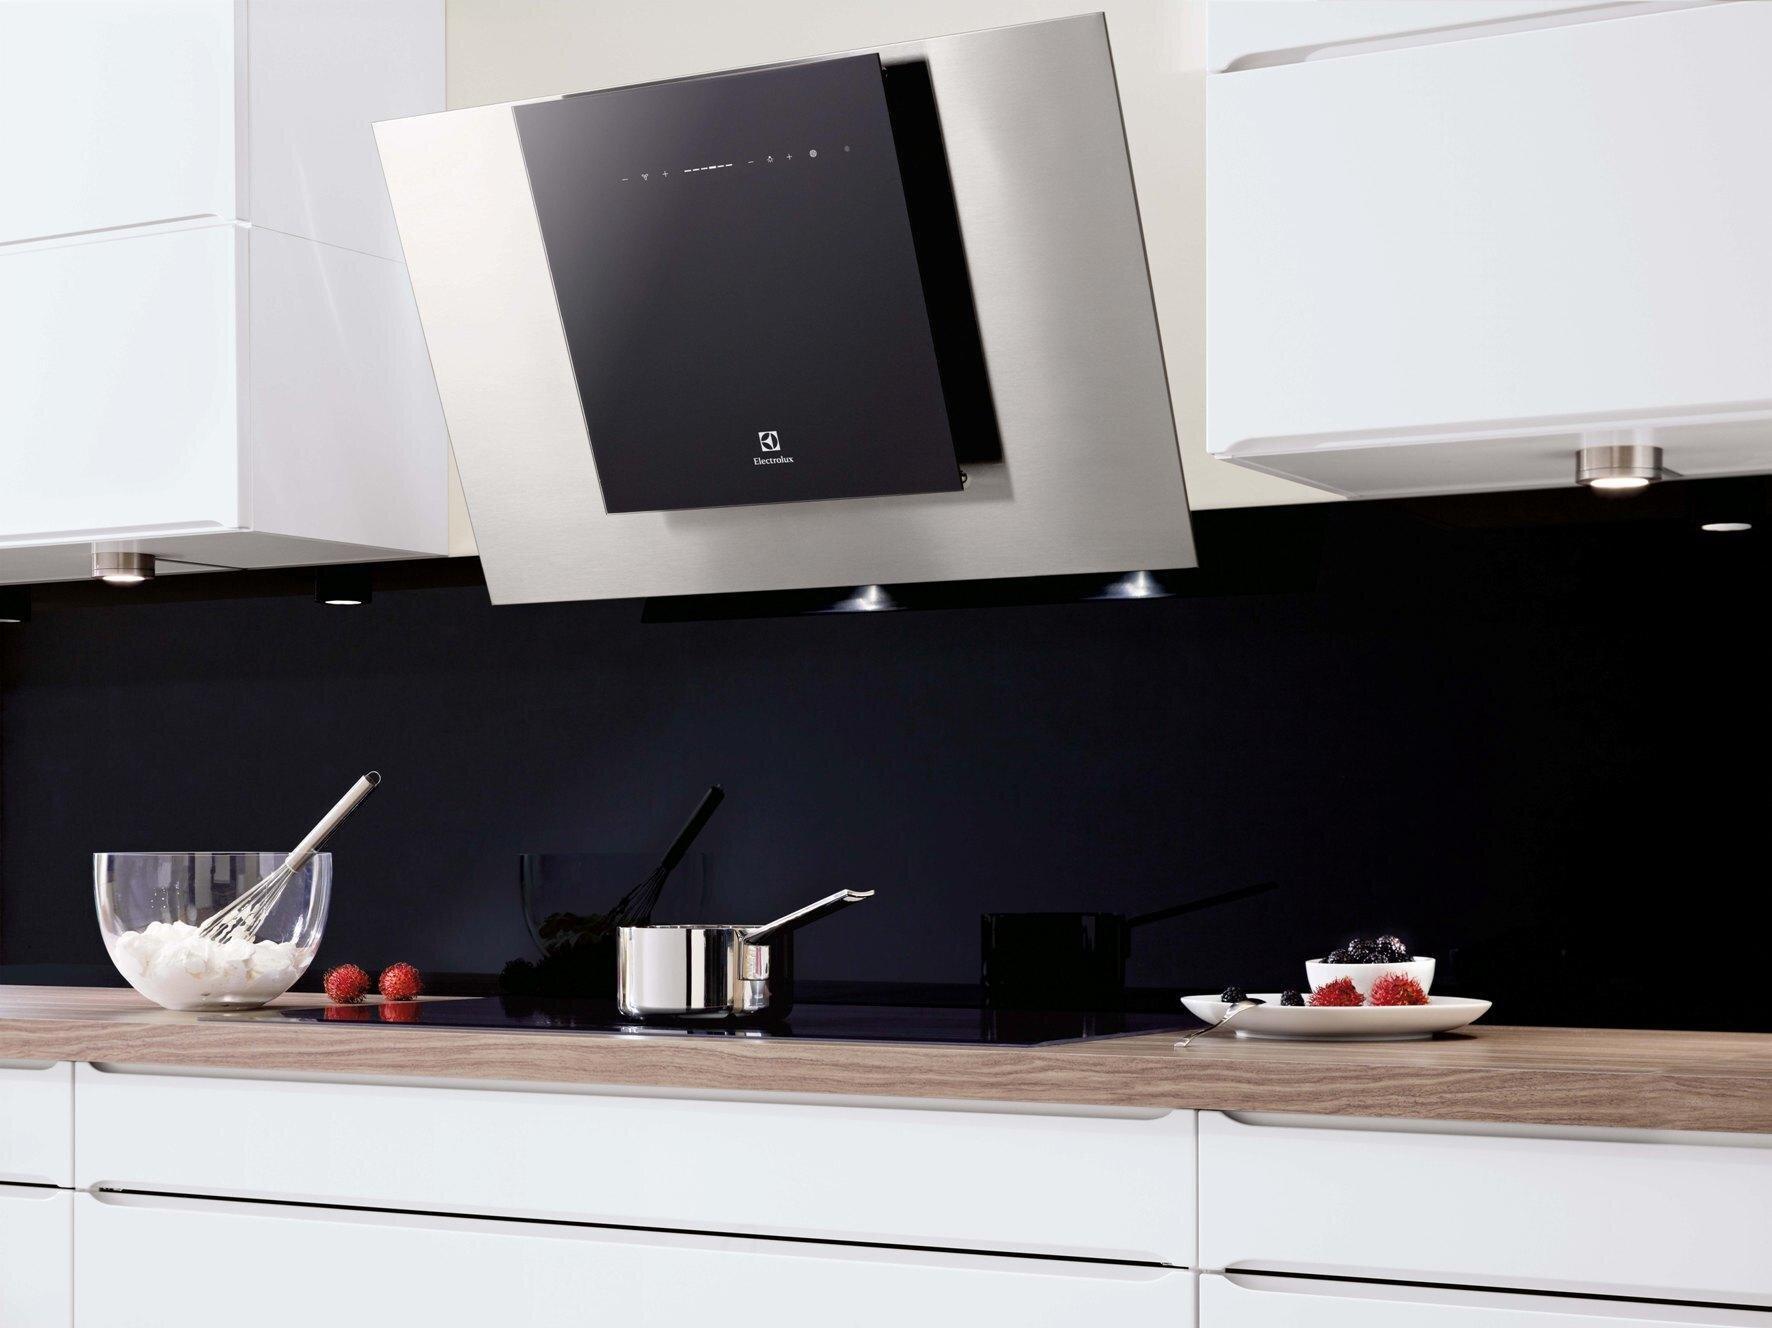 Máy hút mùi Electrolux nổi bật với thiết kế ấn tượng, chất liệu cao cấp đem lại vẻ sang trọng cho không gian bếp